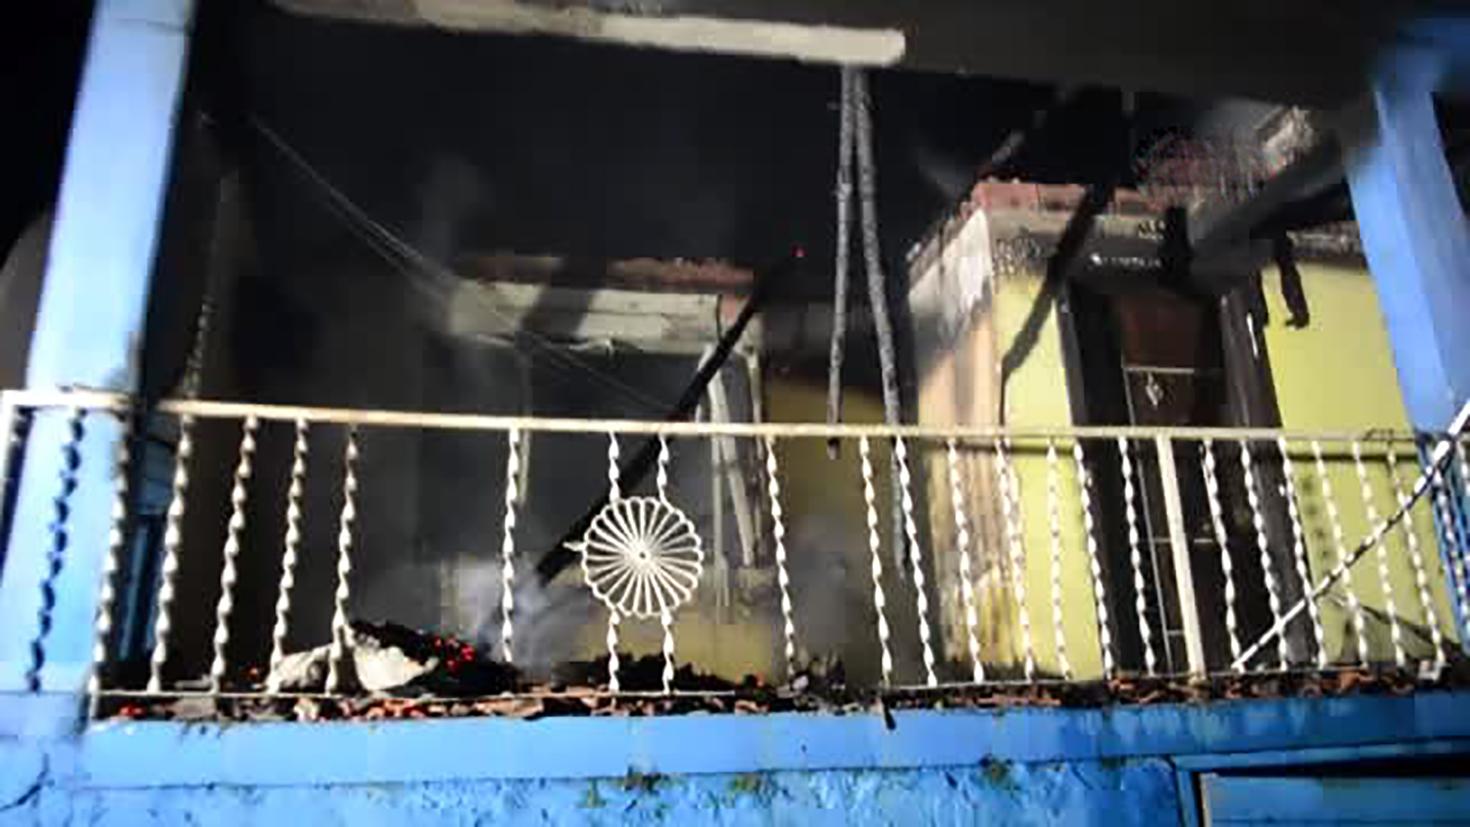 Manisa'da cinayet ve kundaklama: 1 ölü, 1 yaralı